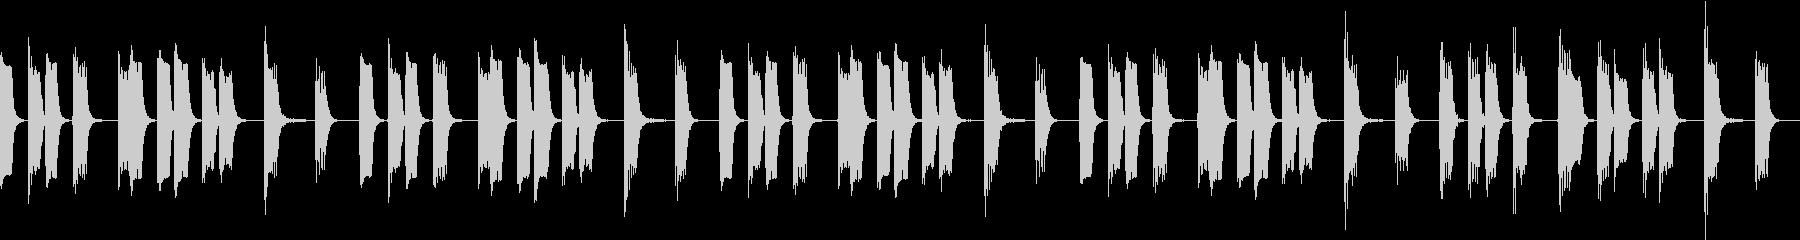 のんきな動物がうたた寝している曲の未再生の波形